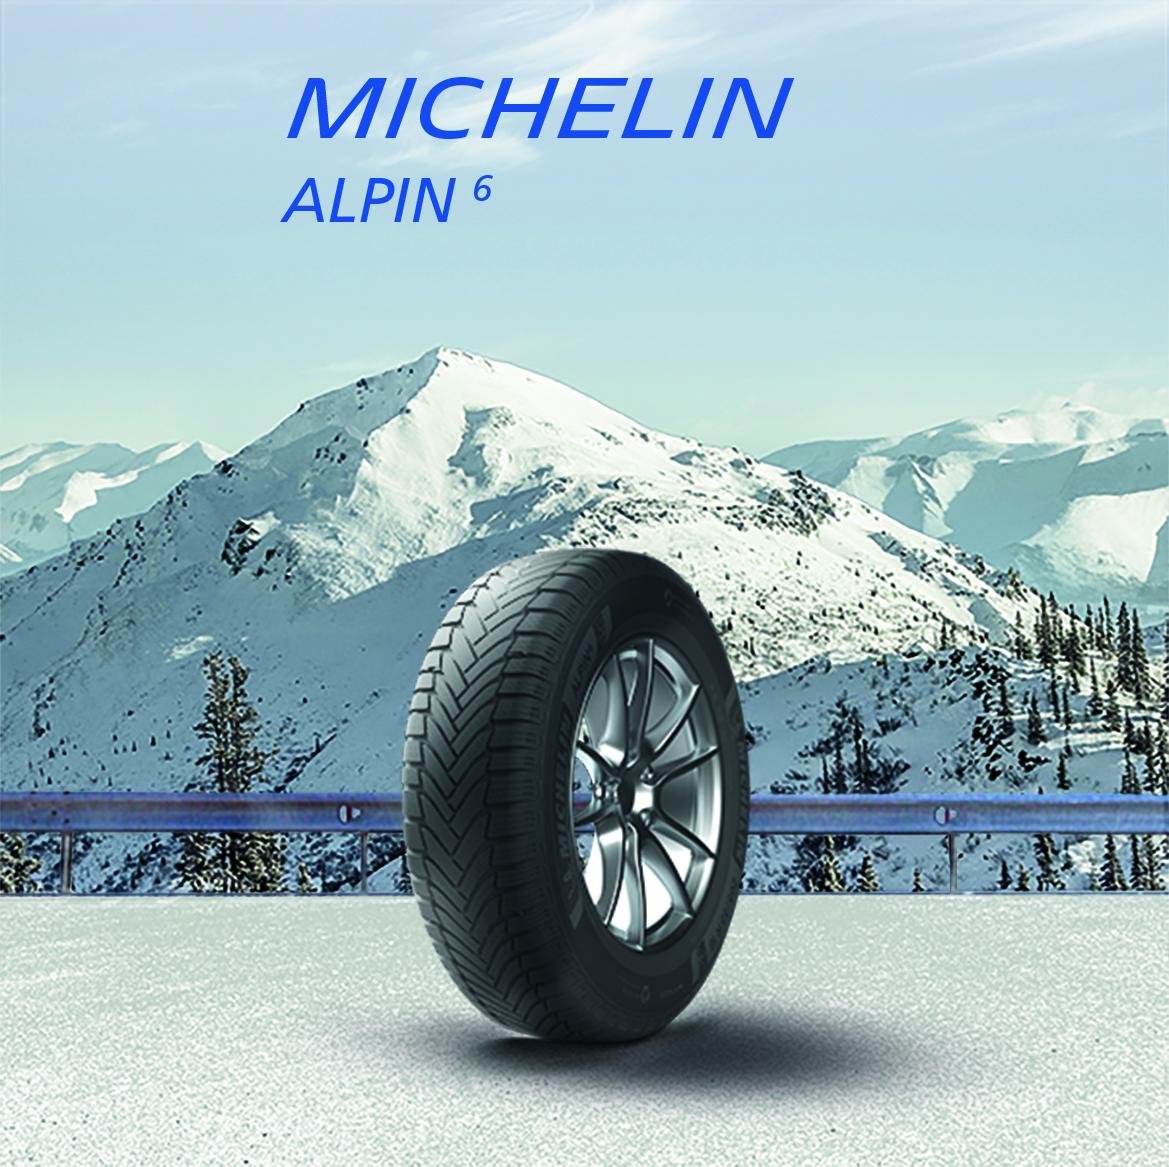 alpin6.jpg